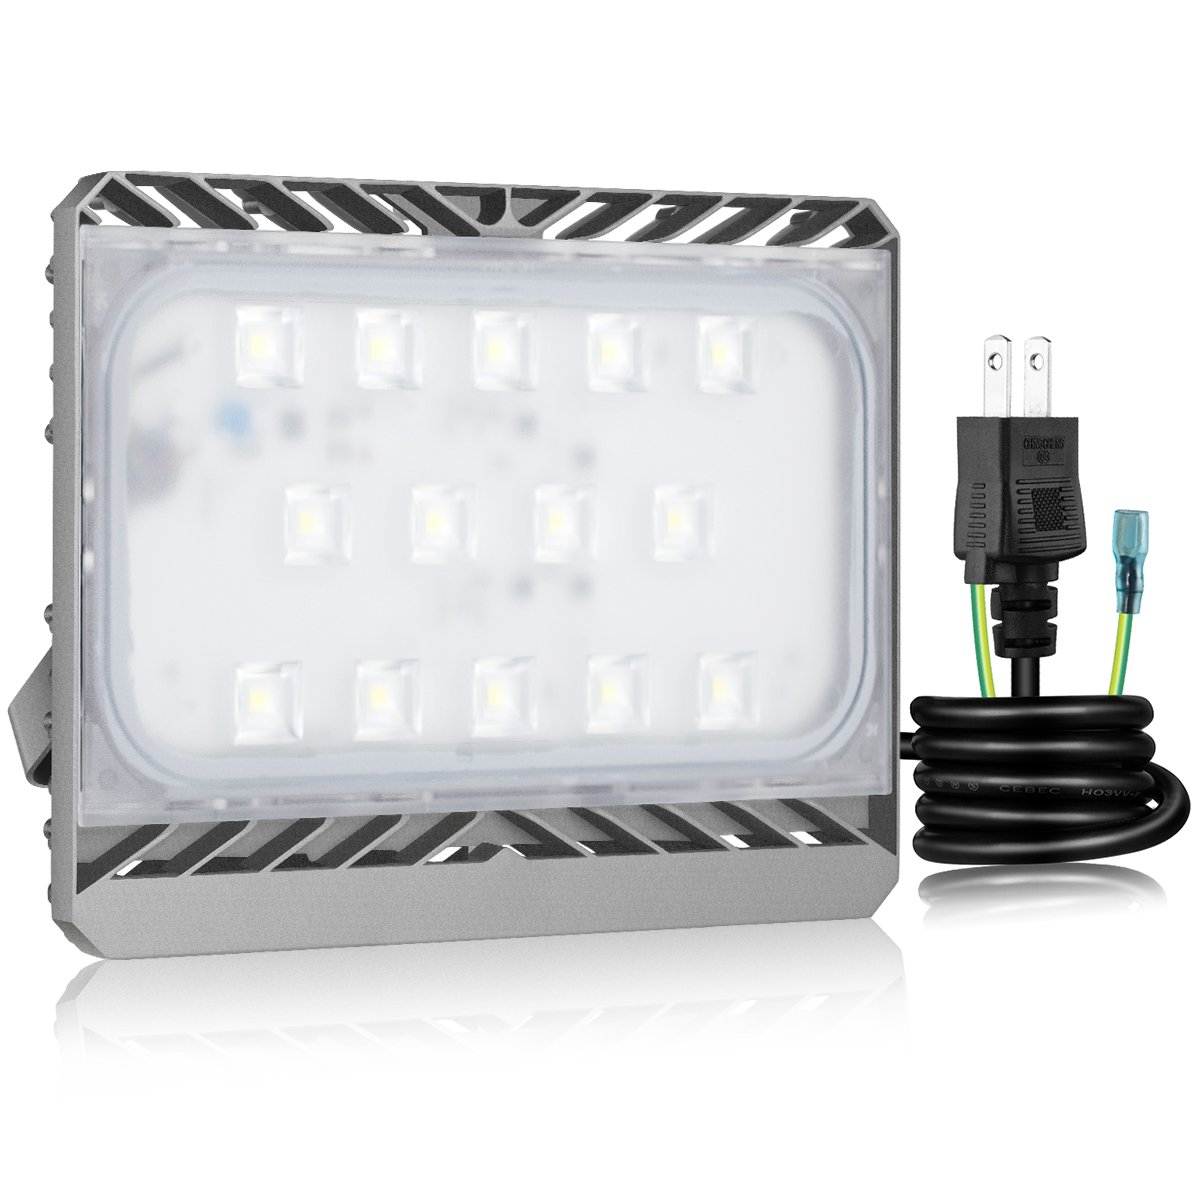 【三年保証】SOLLA Sliver 高品質LED投光器 70w 6000K 昼白色 CREE製素子 日本レベル筐体 IP65防水防塵 長寿命 フラッドライト 作業灯 防犯灯 B01MQT06AV 70w|昼白(6000K) 昼白(6000K) 70w